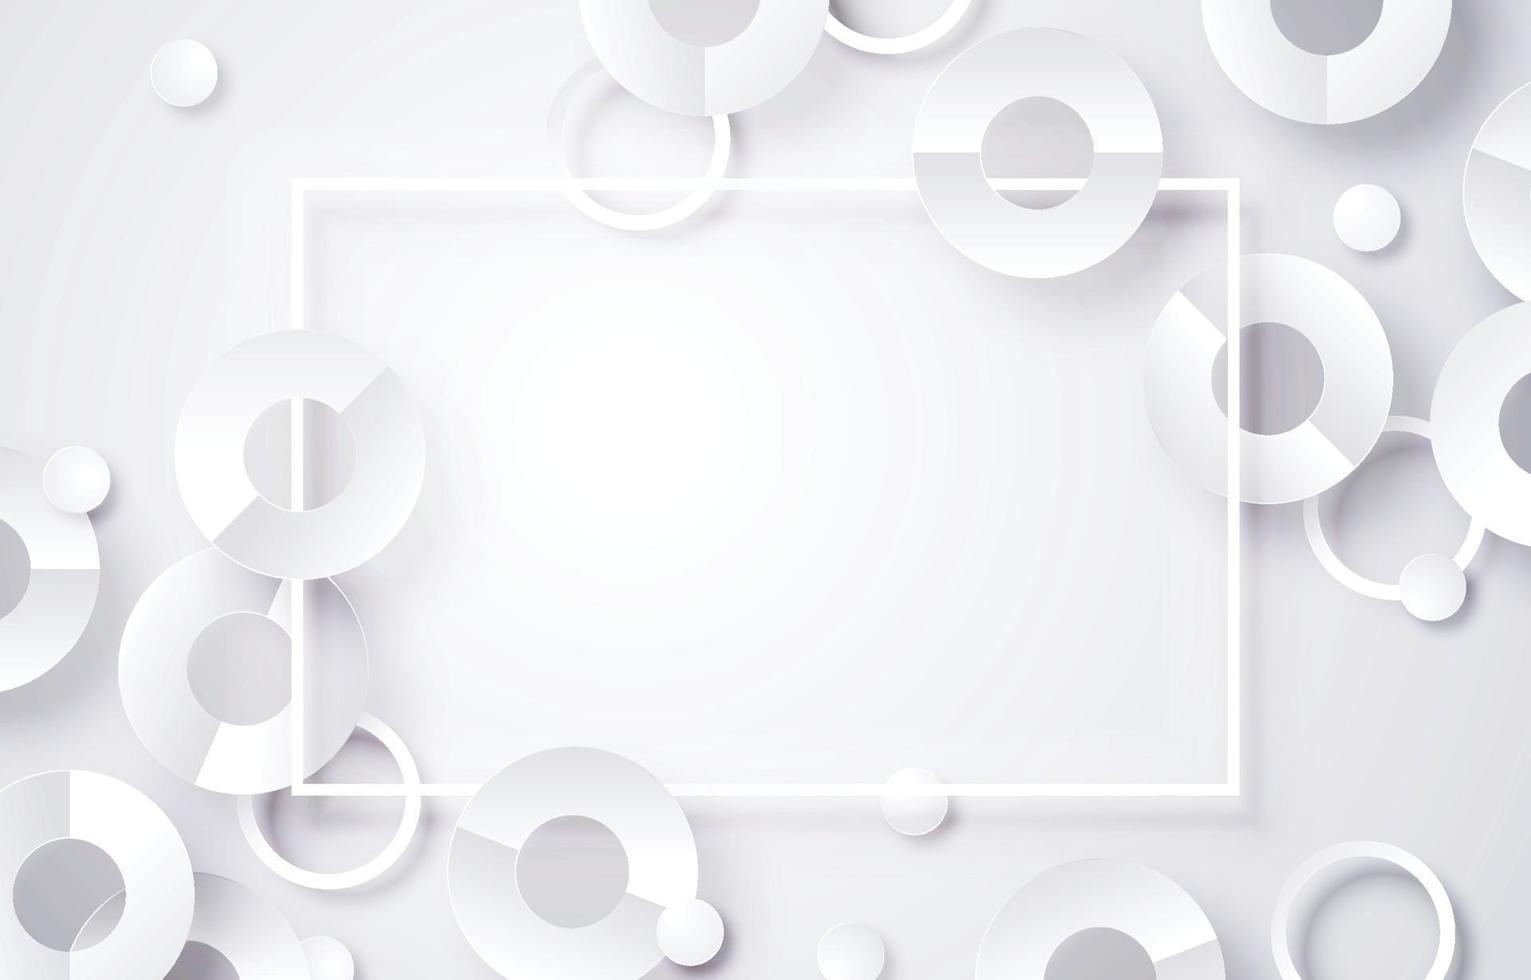 fond abstrait cadre blanc vecteur